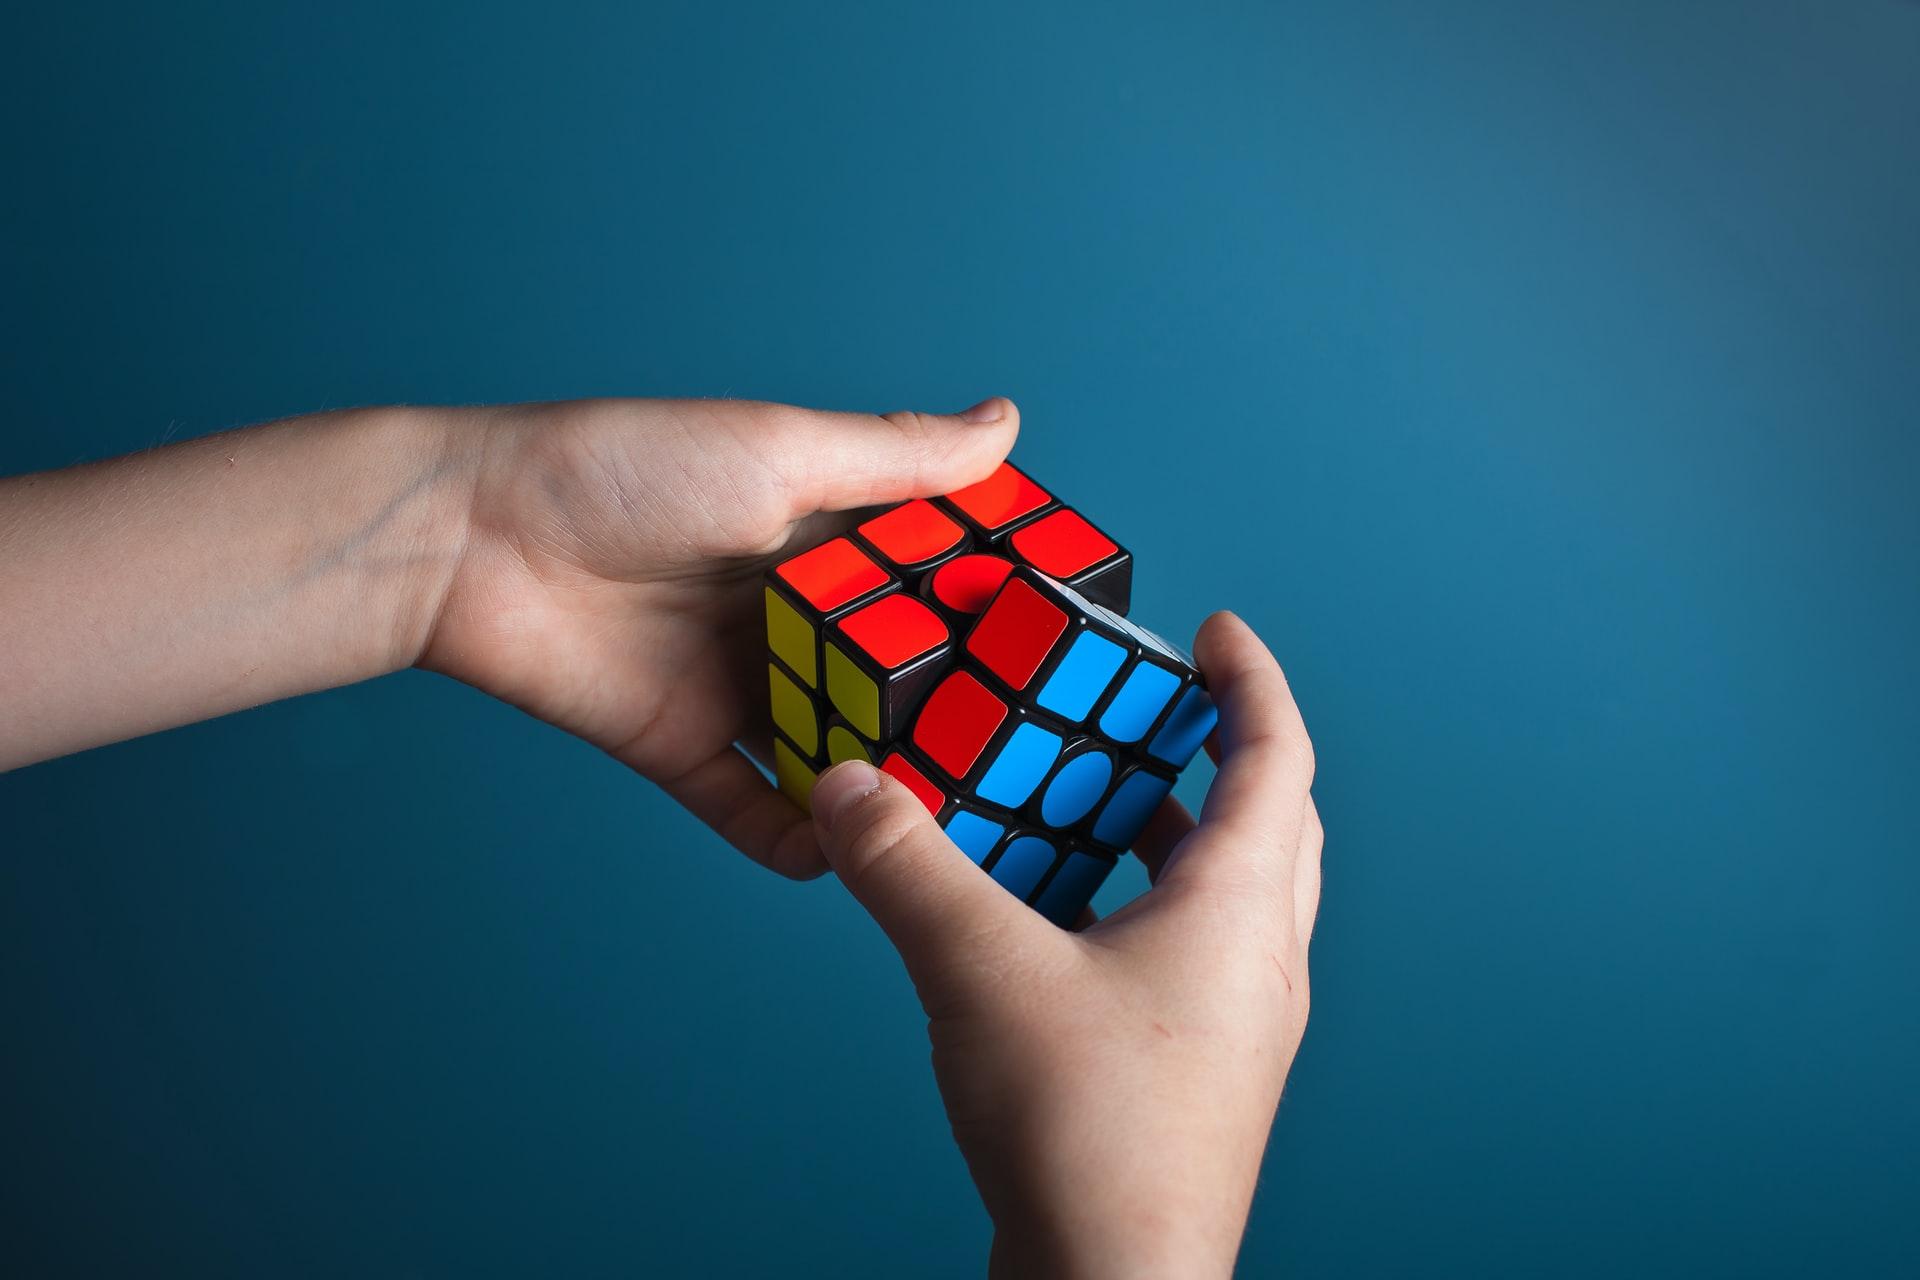 Como encarar e resolver problemas em 4 passos